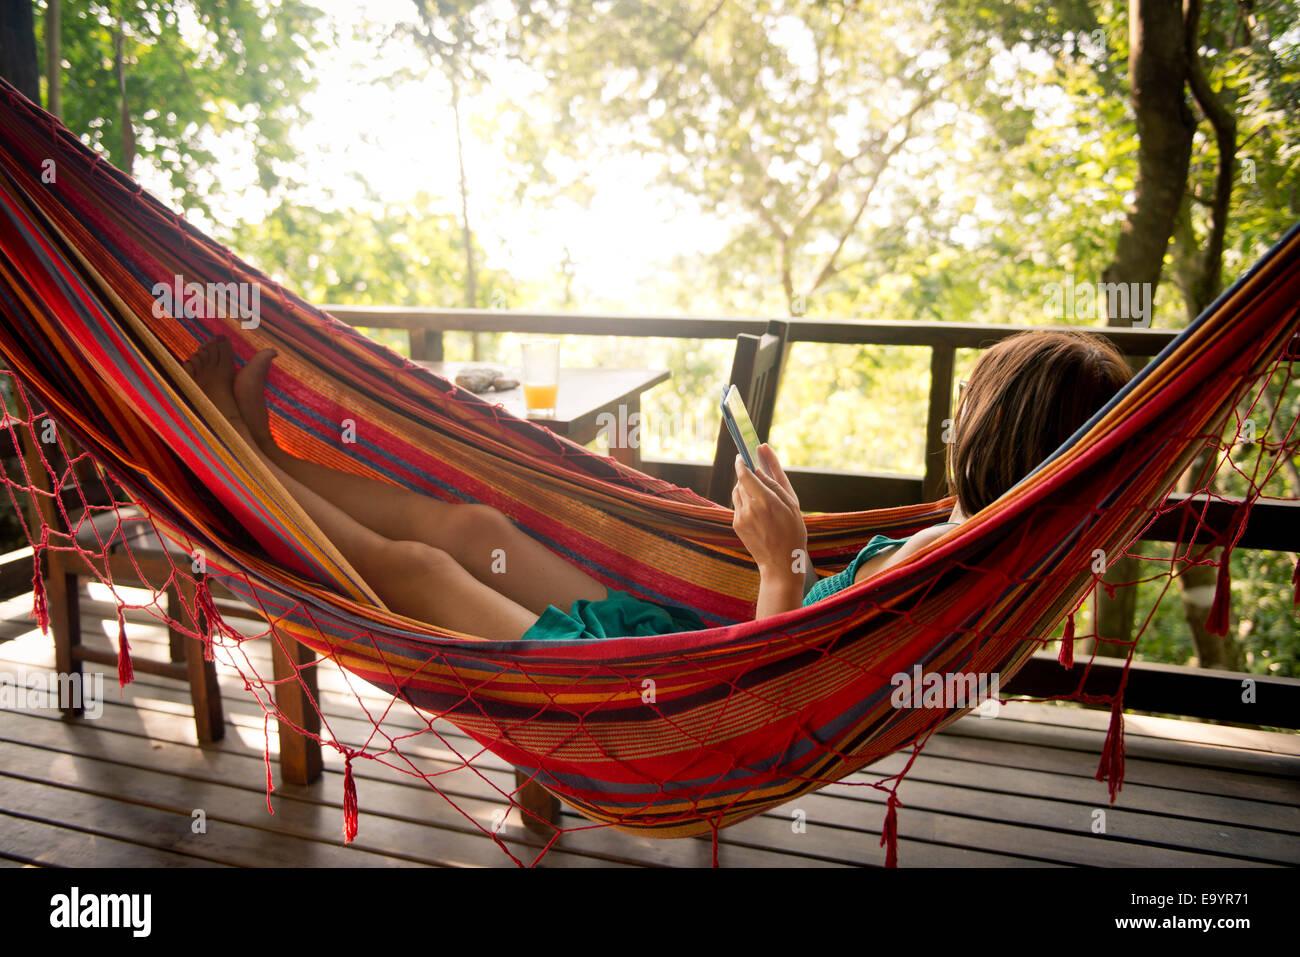 Una donna per rilassarsi in un'amaca. Montezuma, Costa Rica Immagini Stock